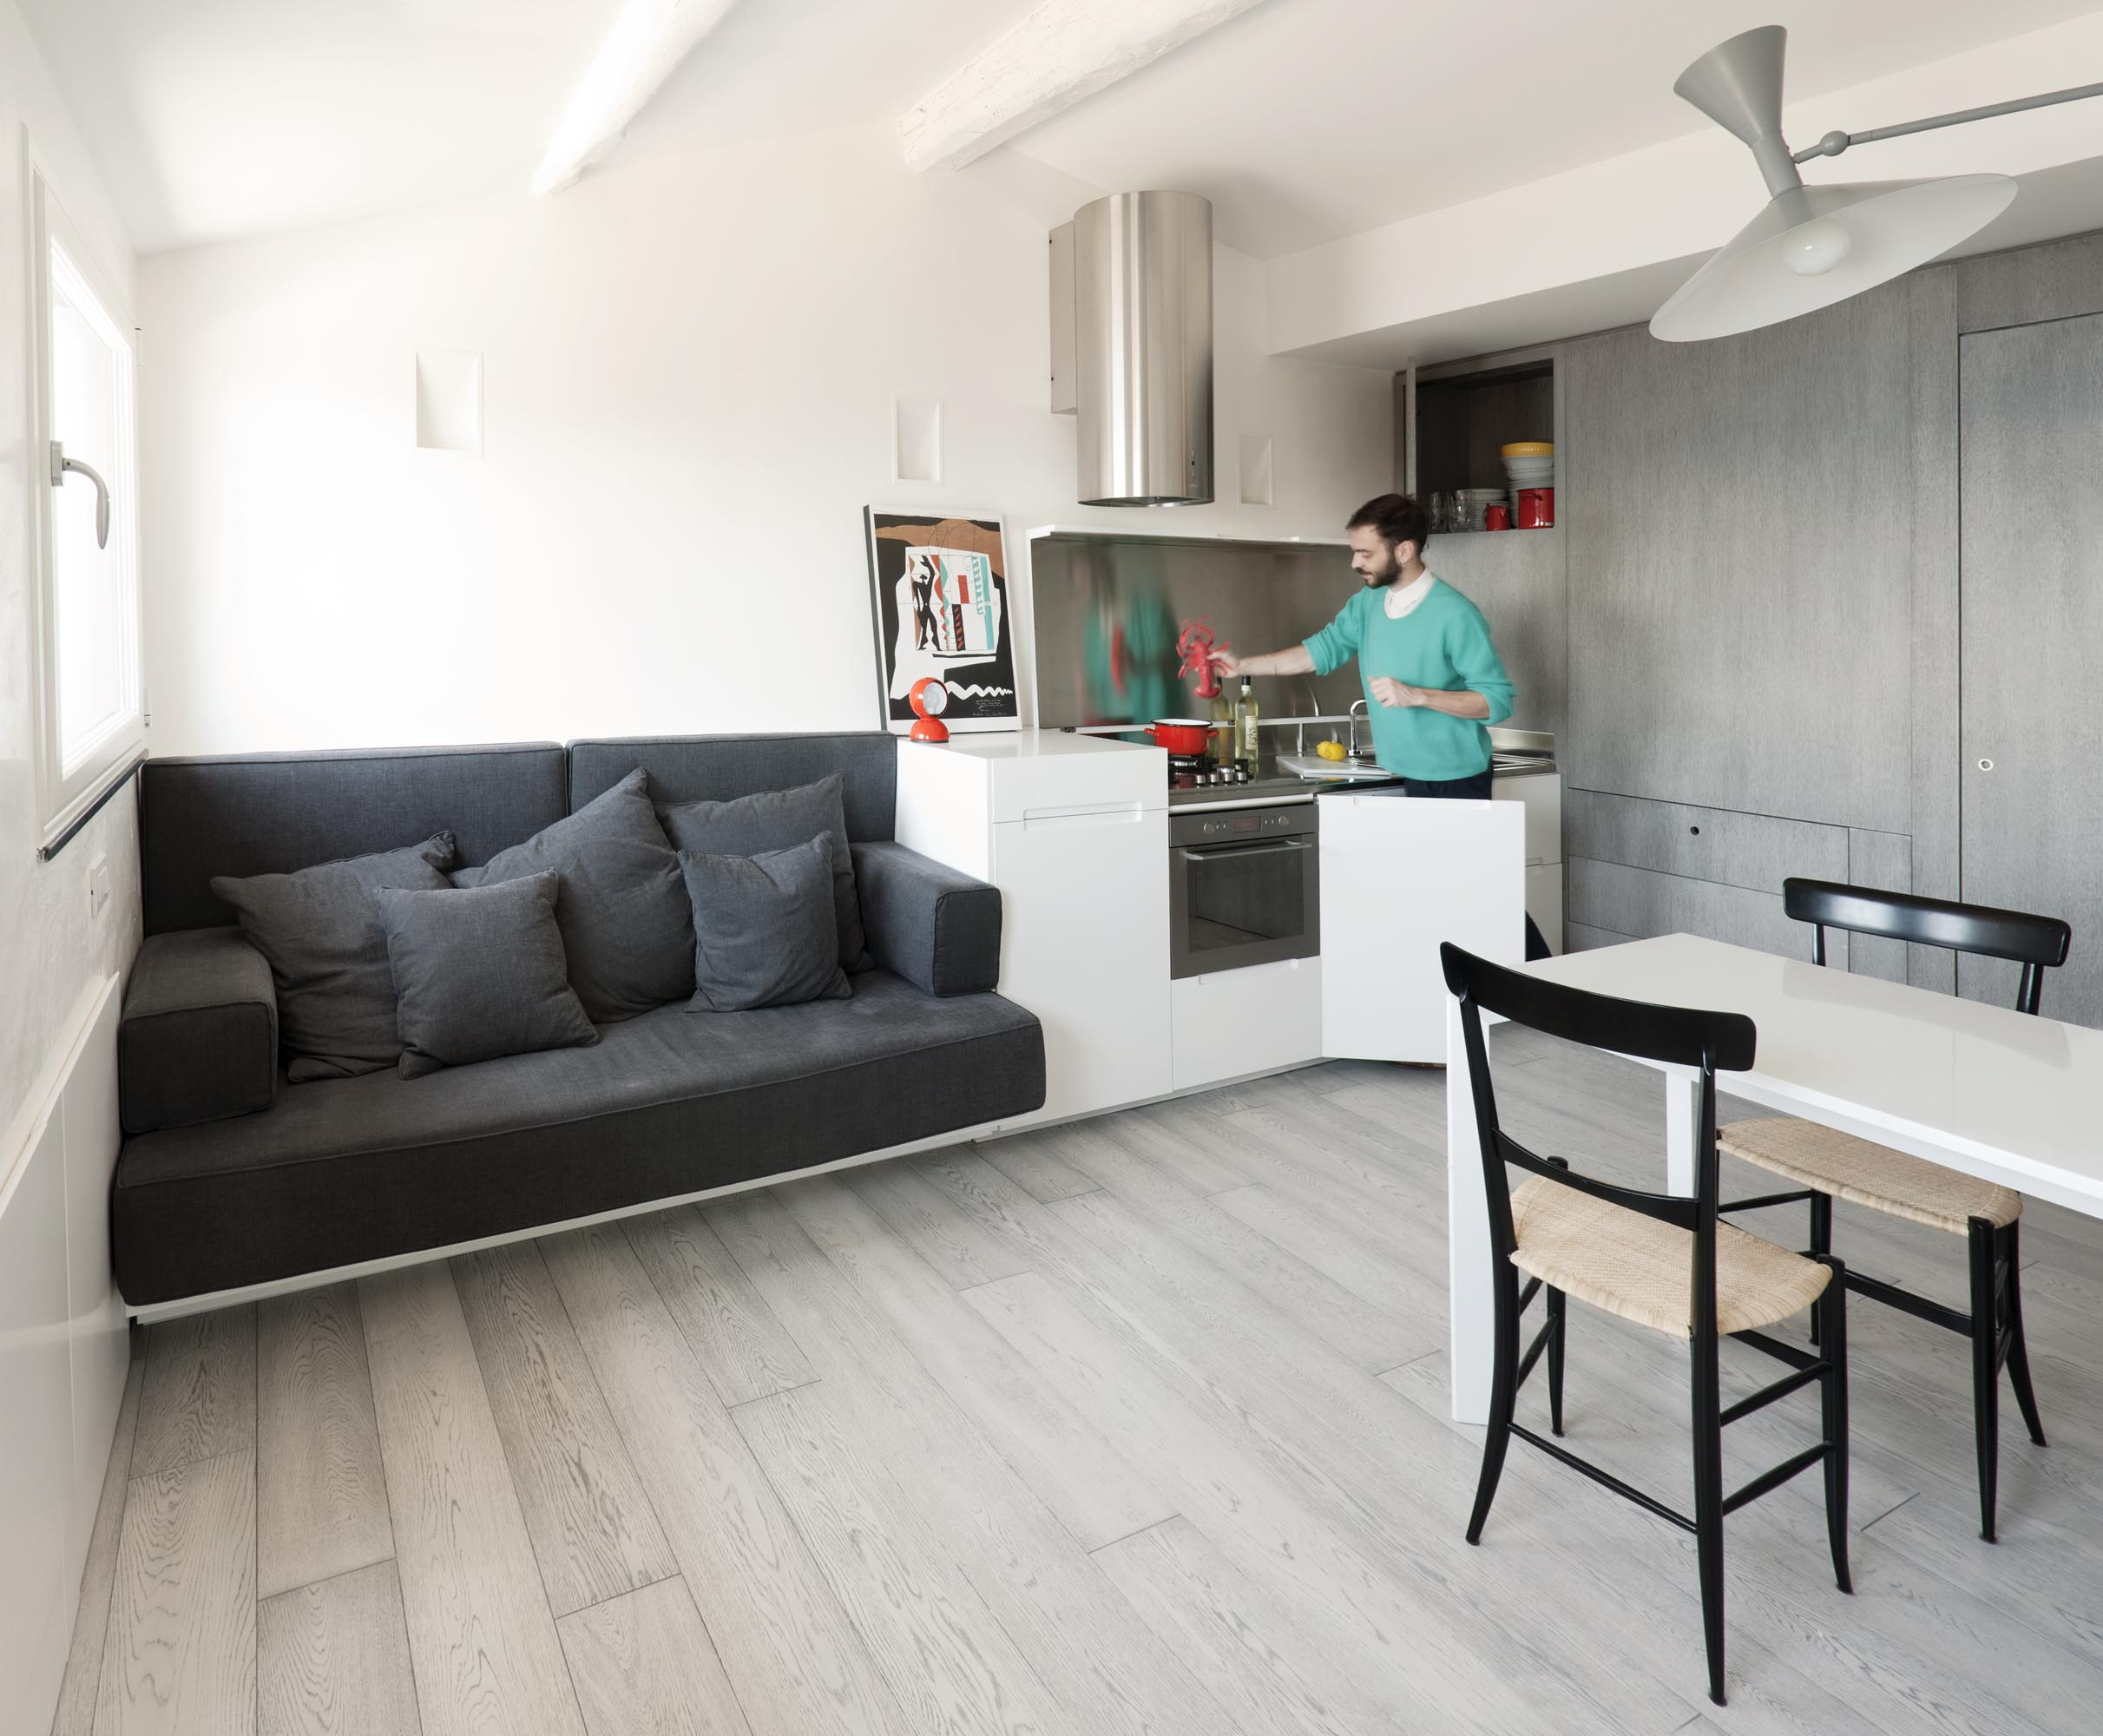 дизайн маленькой кухни студии фото картинки и фотографии дизайна